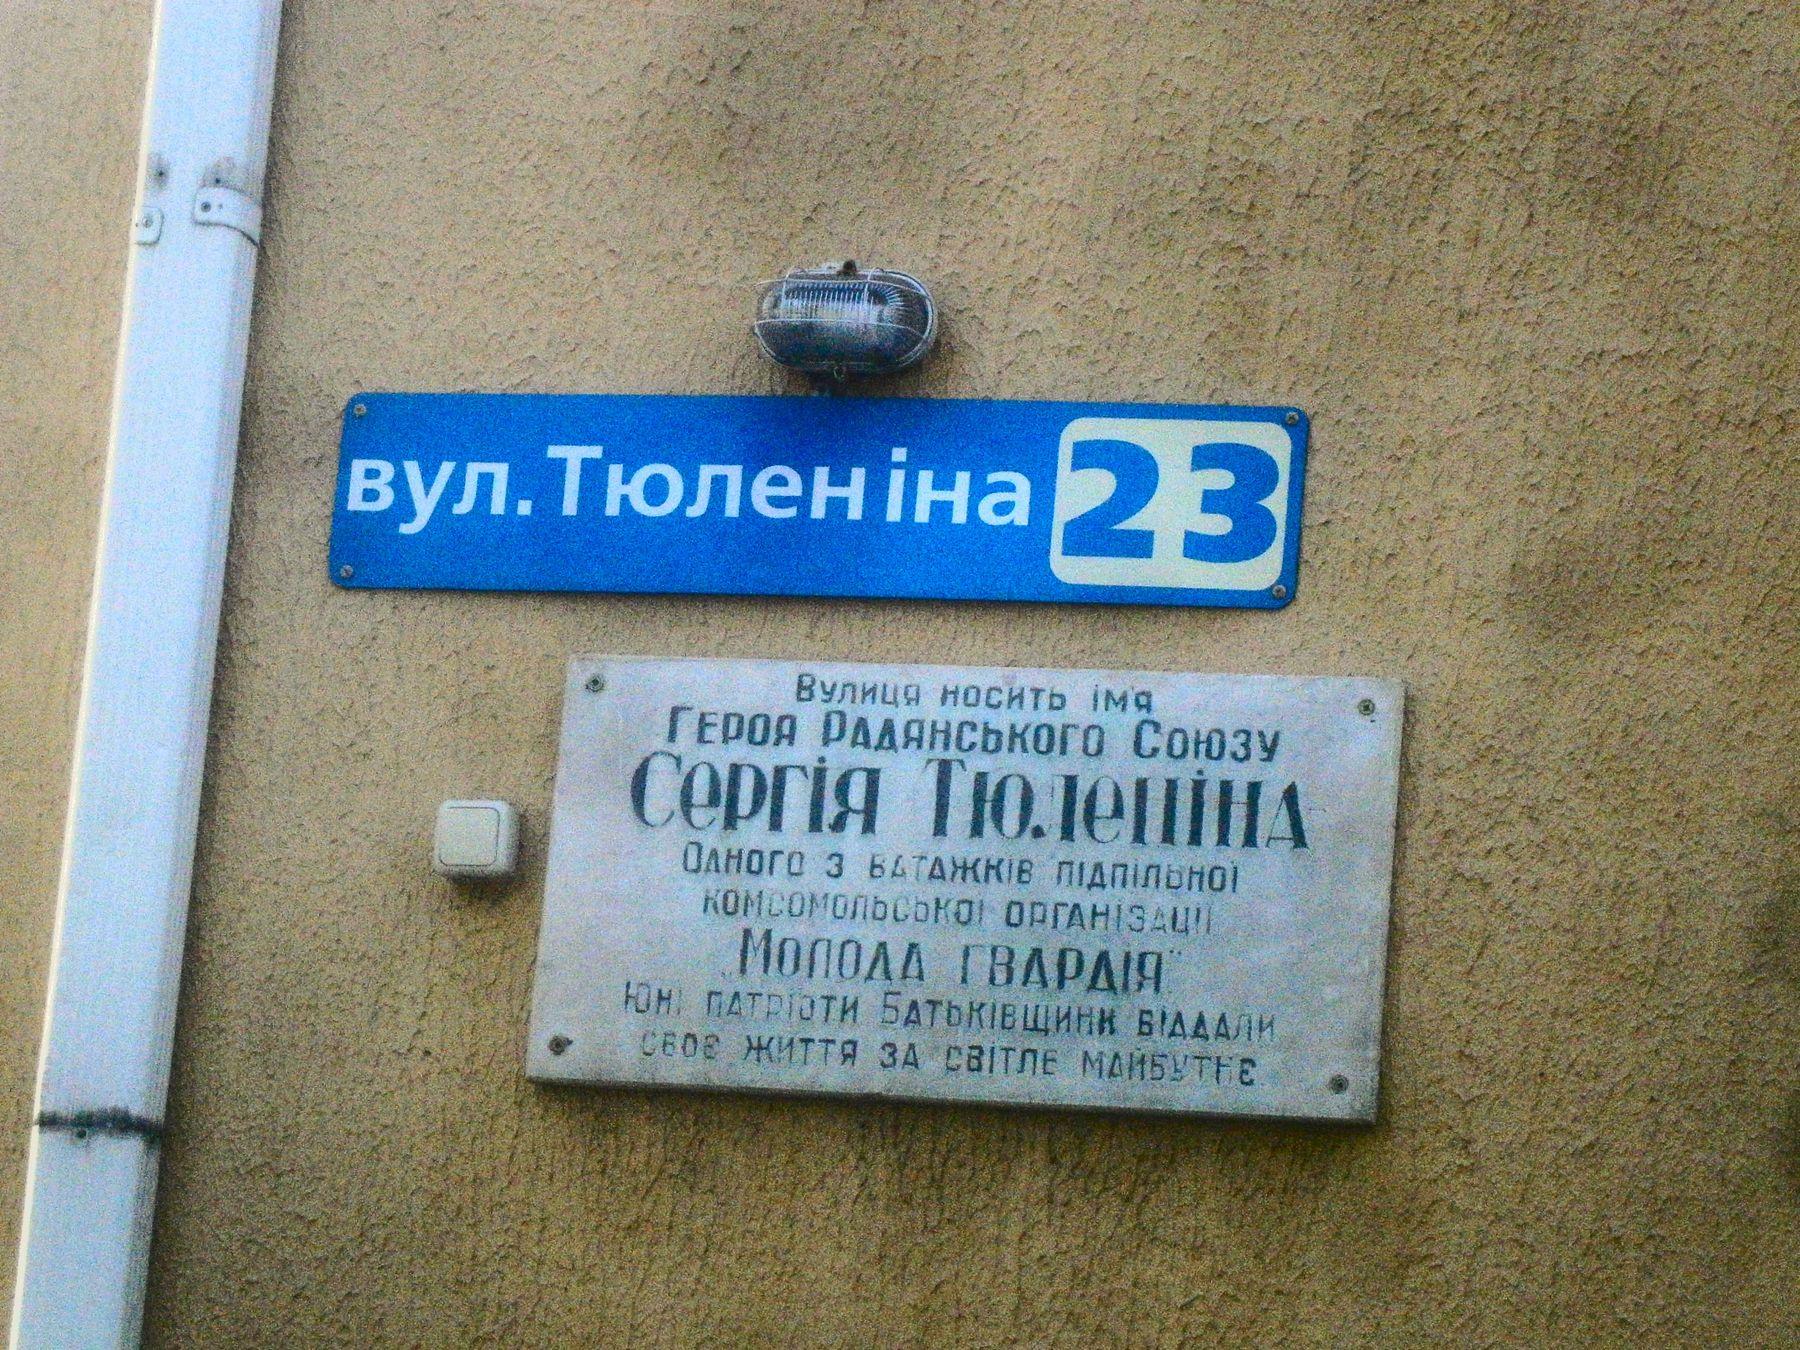 Выдуманный литературный герой стал героем Советского союза. Запорожье Тюленин